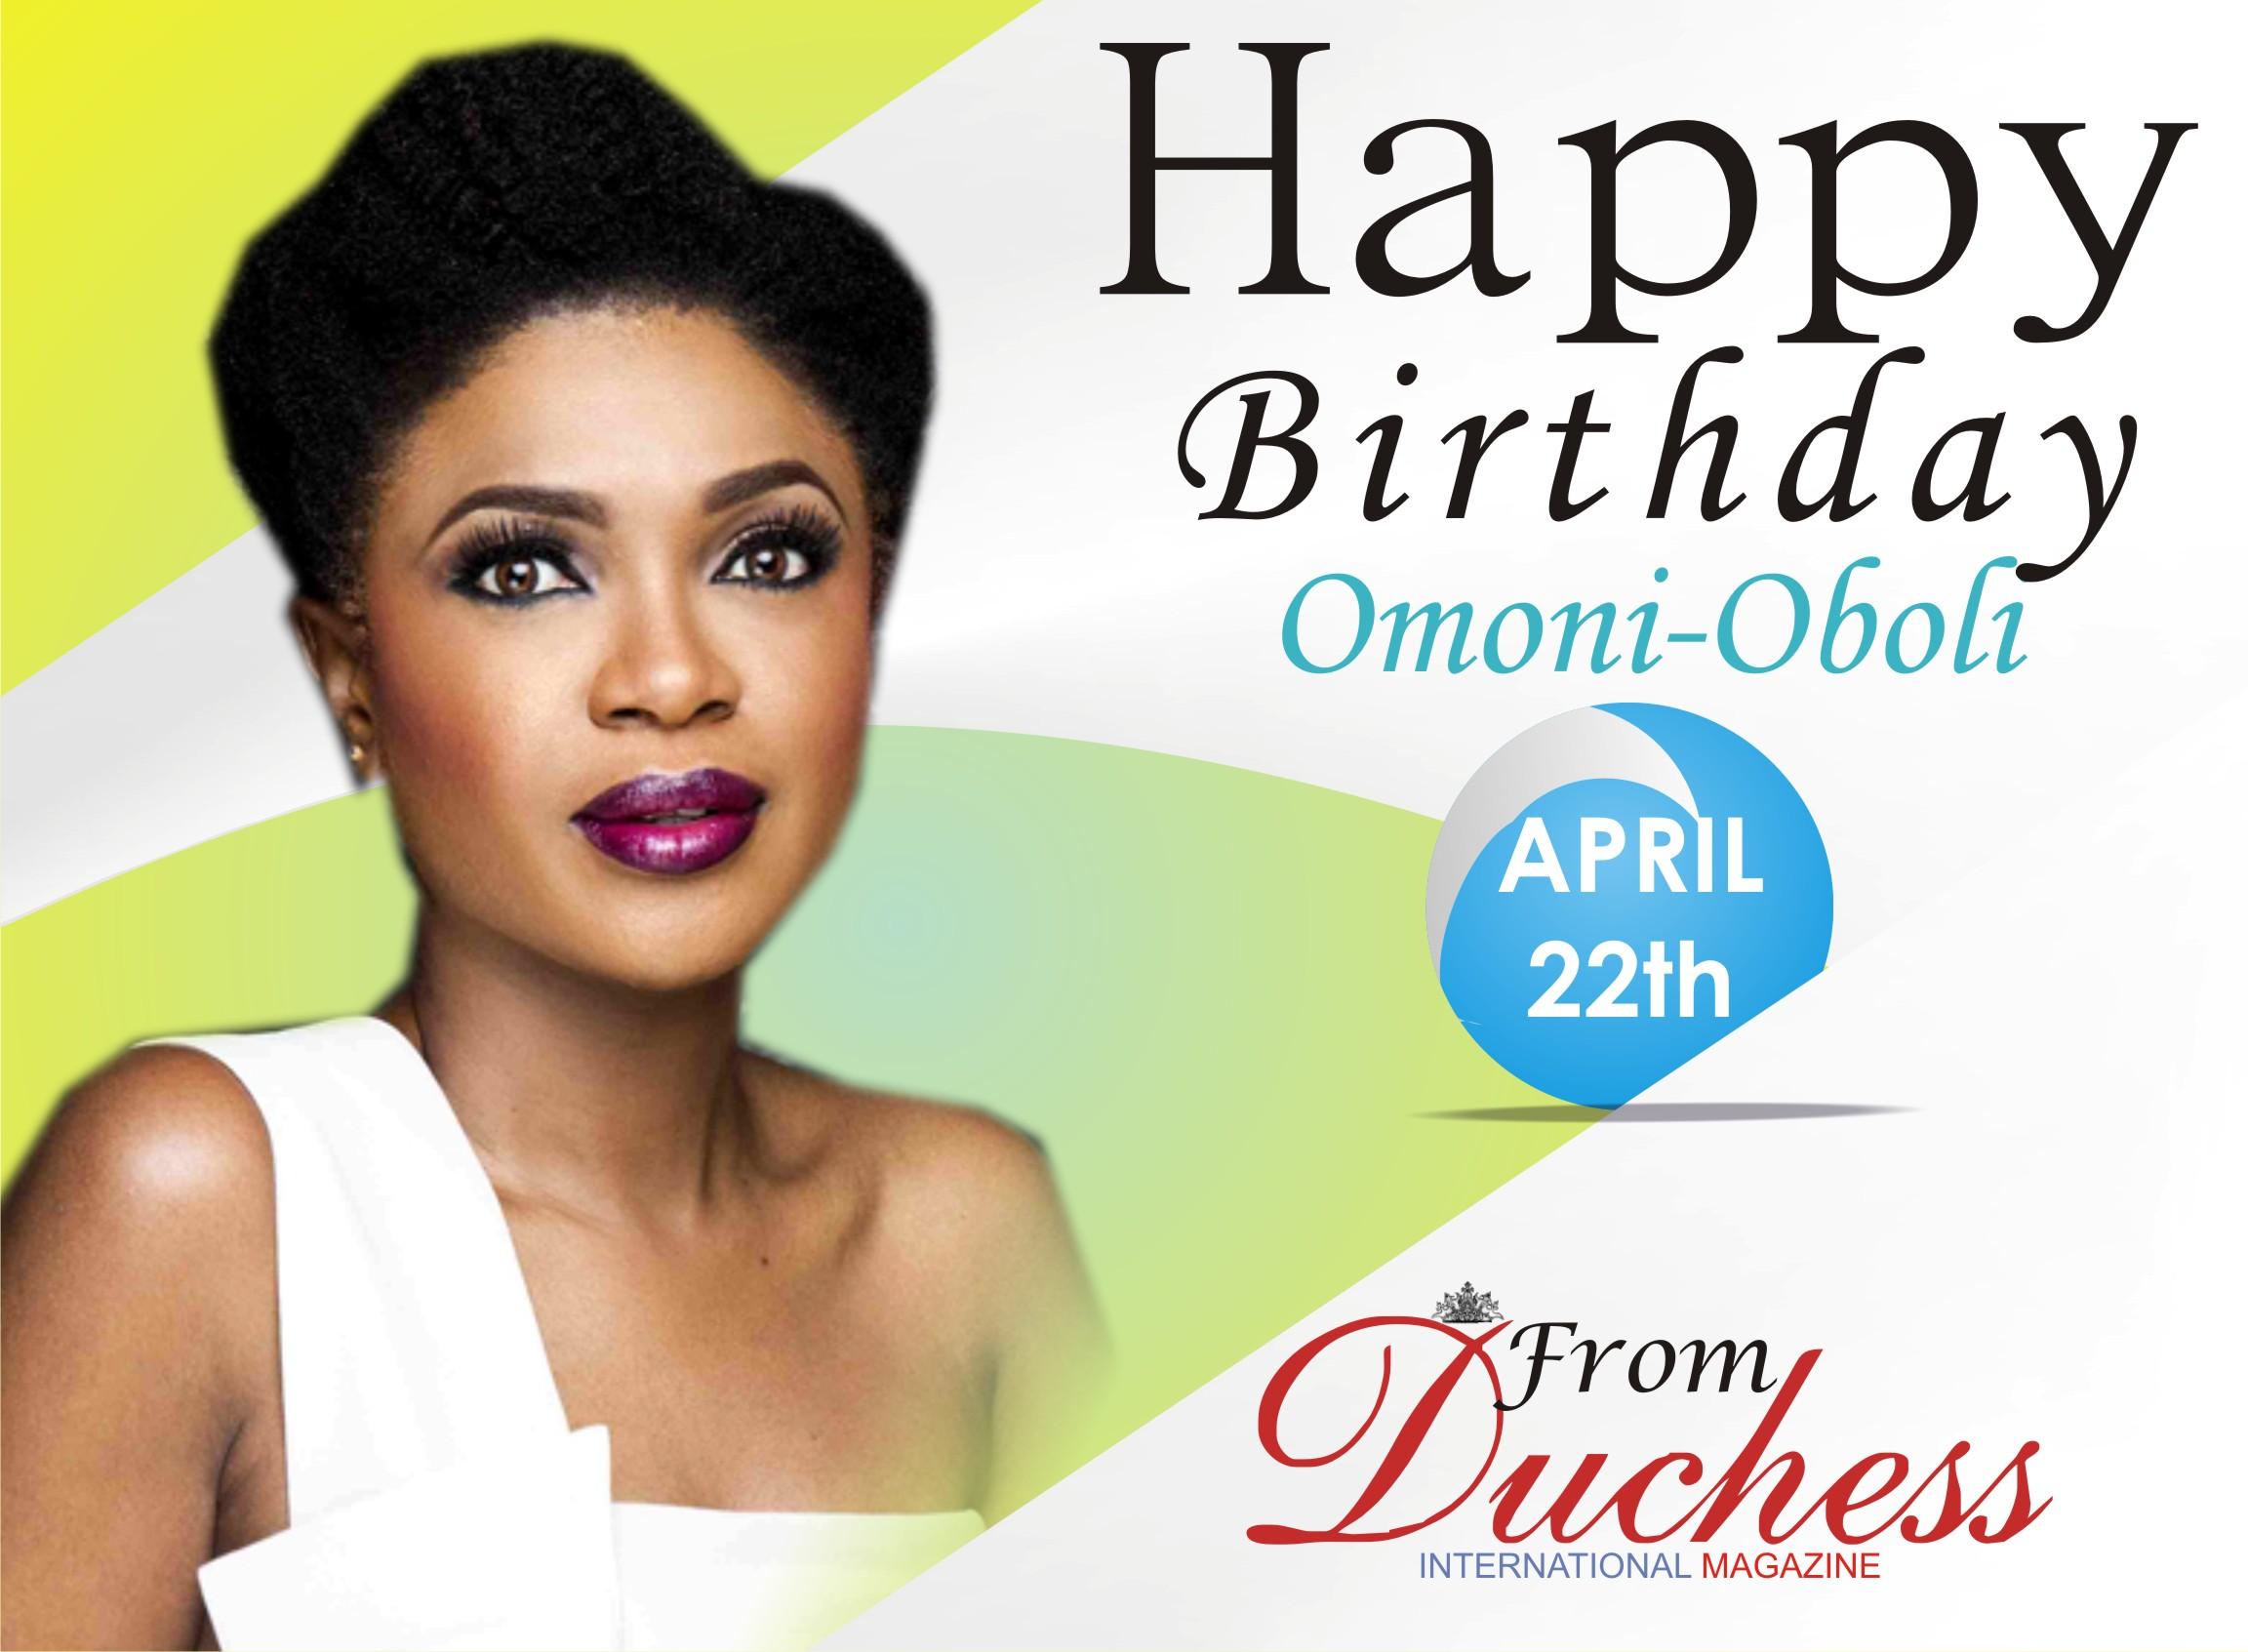 Omoni Oboli is a year Older Today.